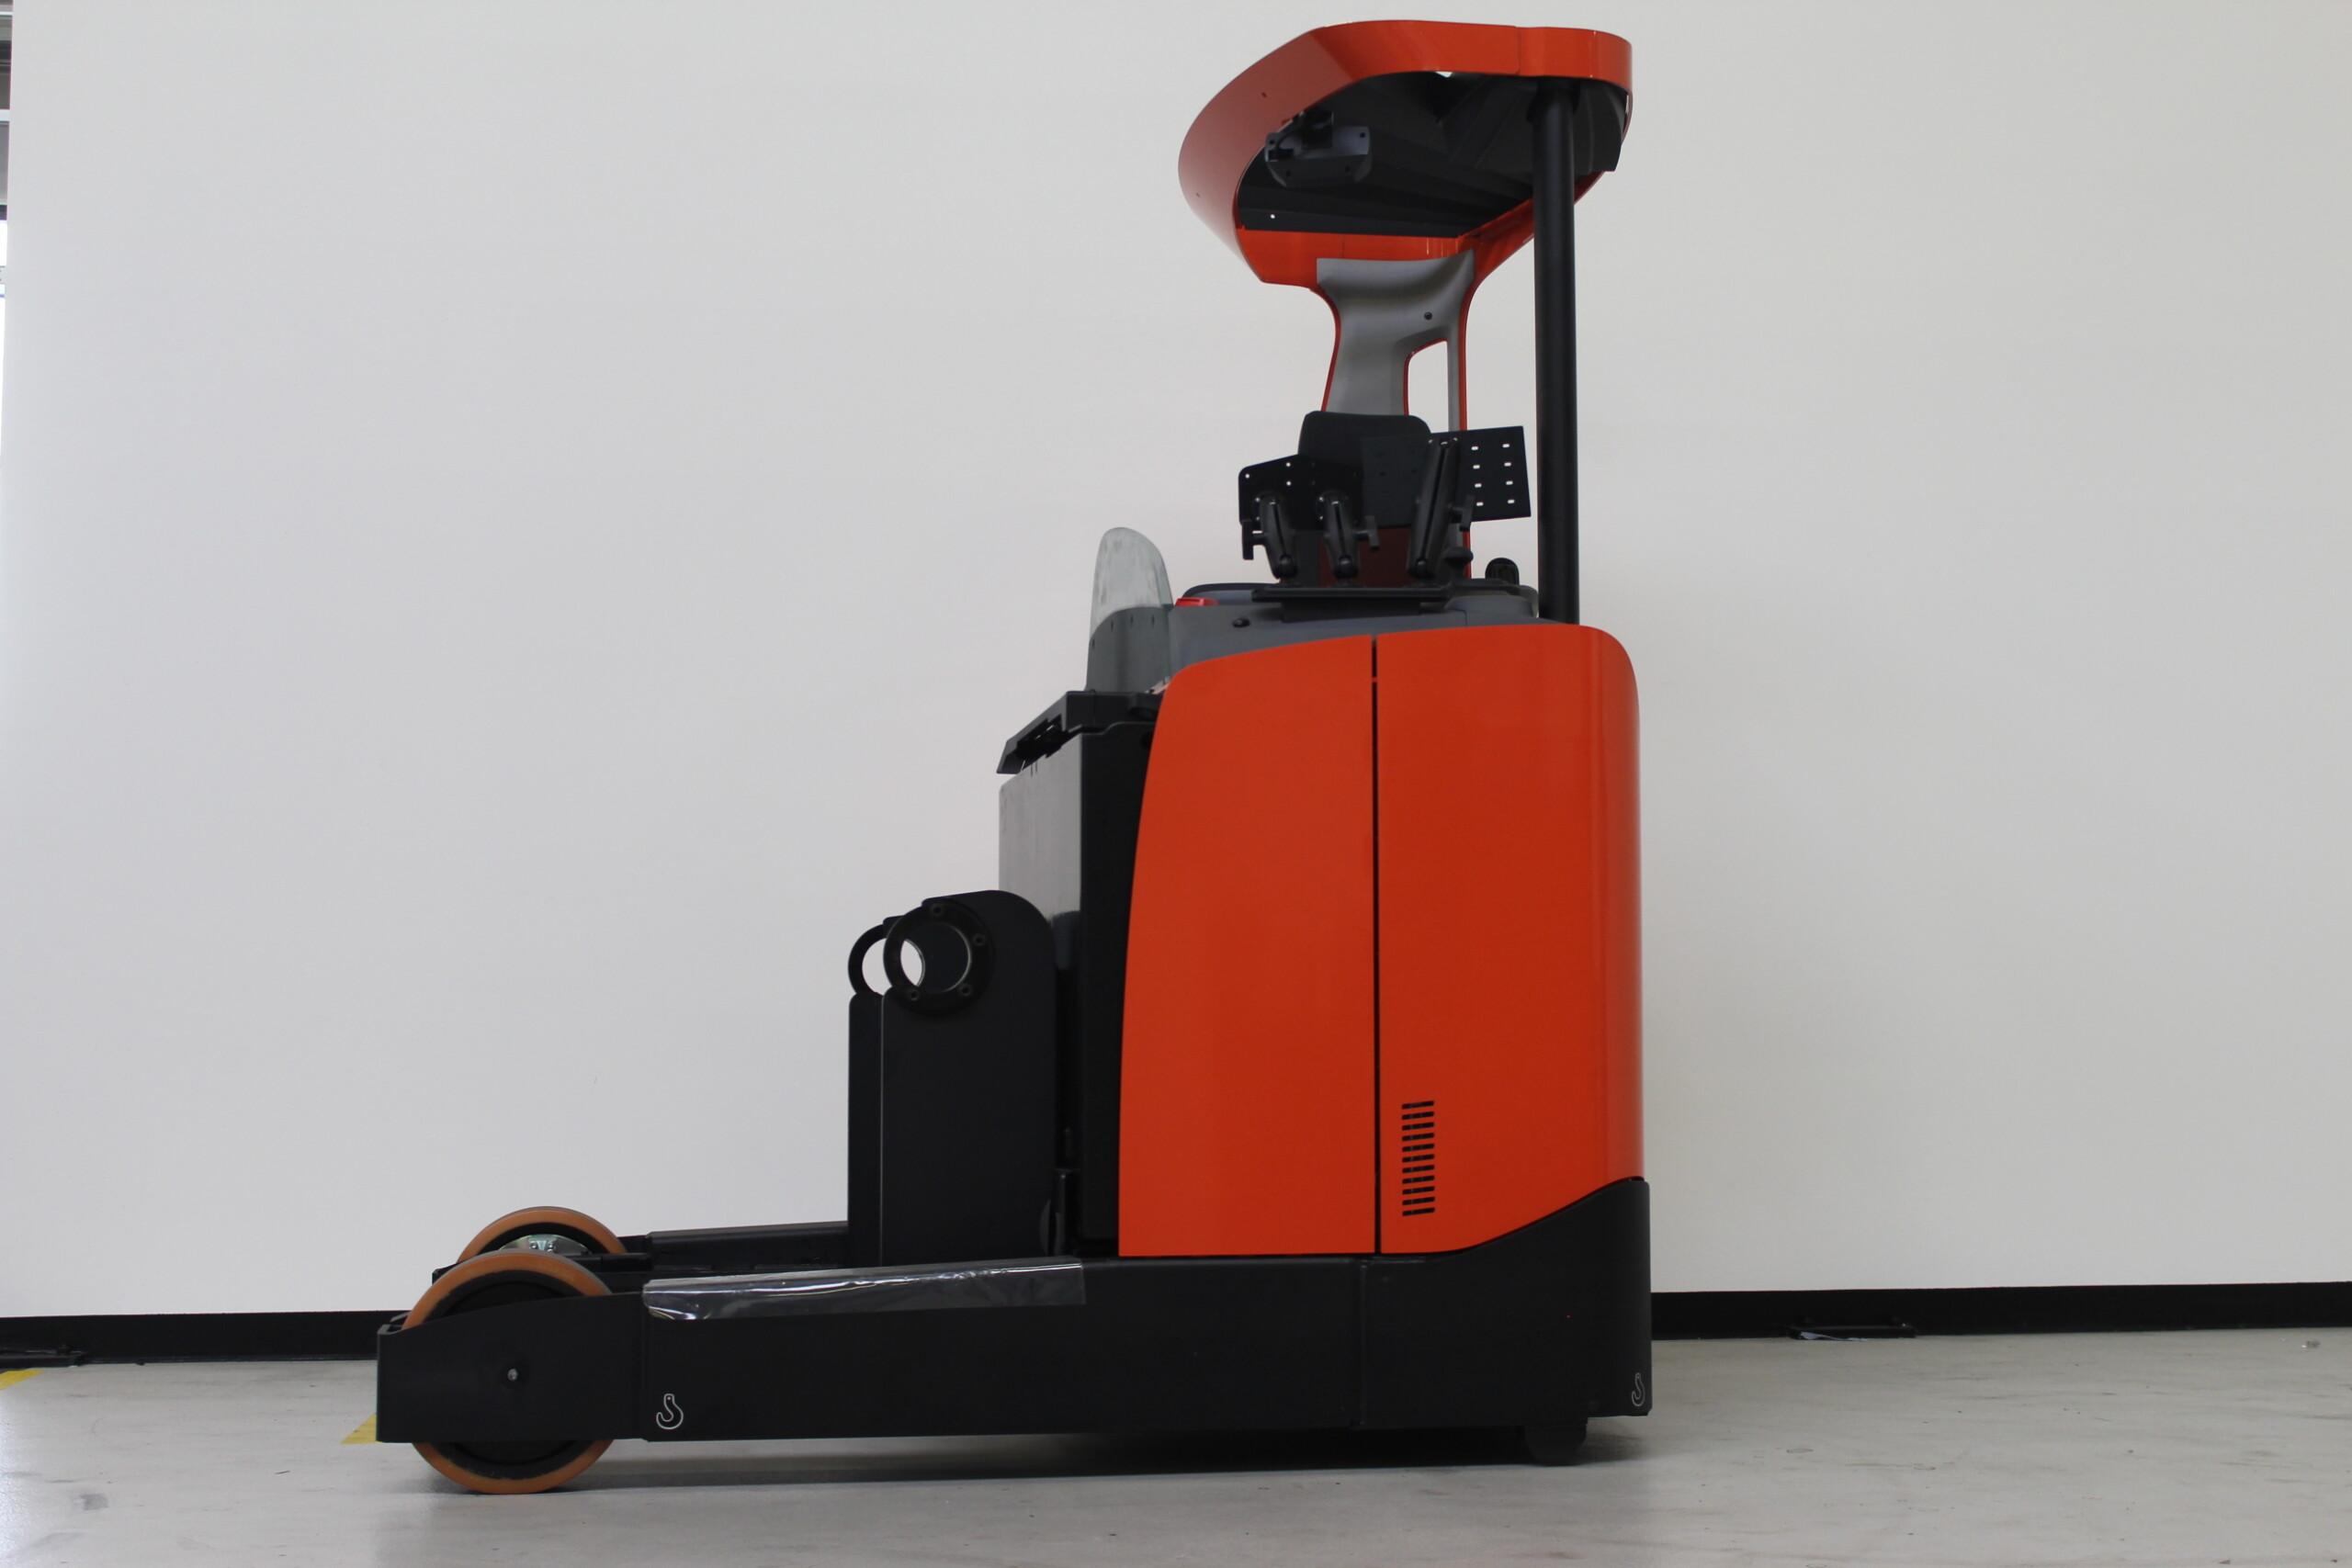 Toyota-Gabelstapler-59840 1702023427 1 18 scaled